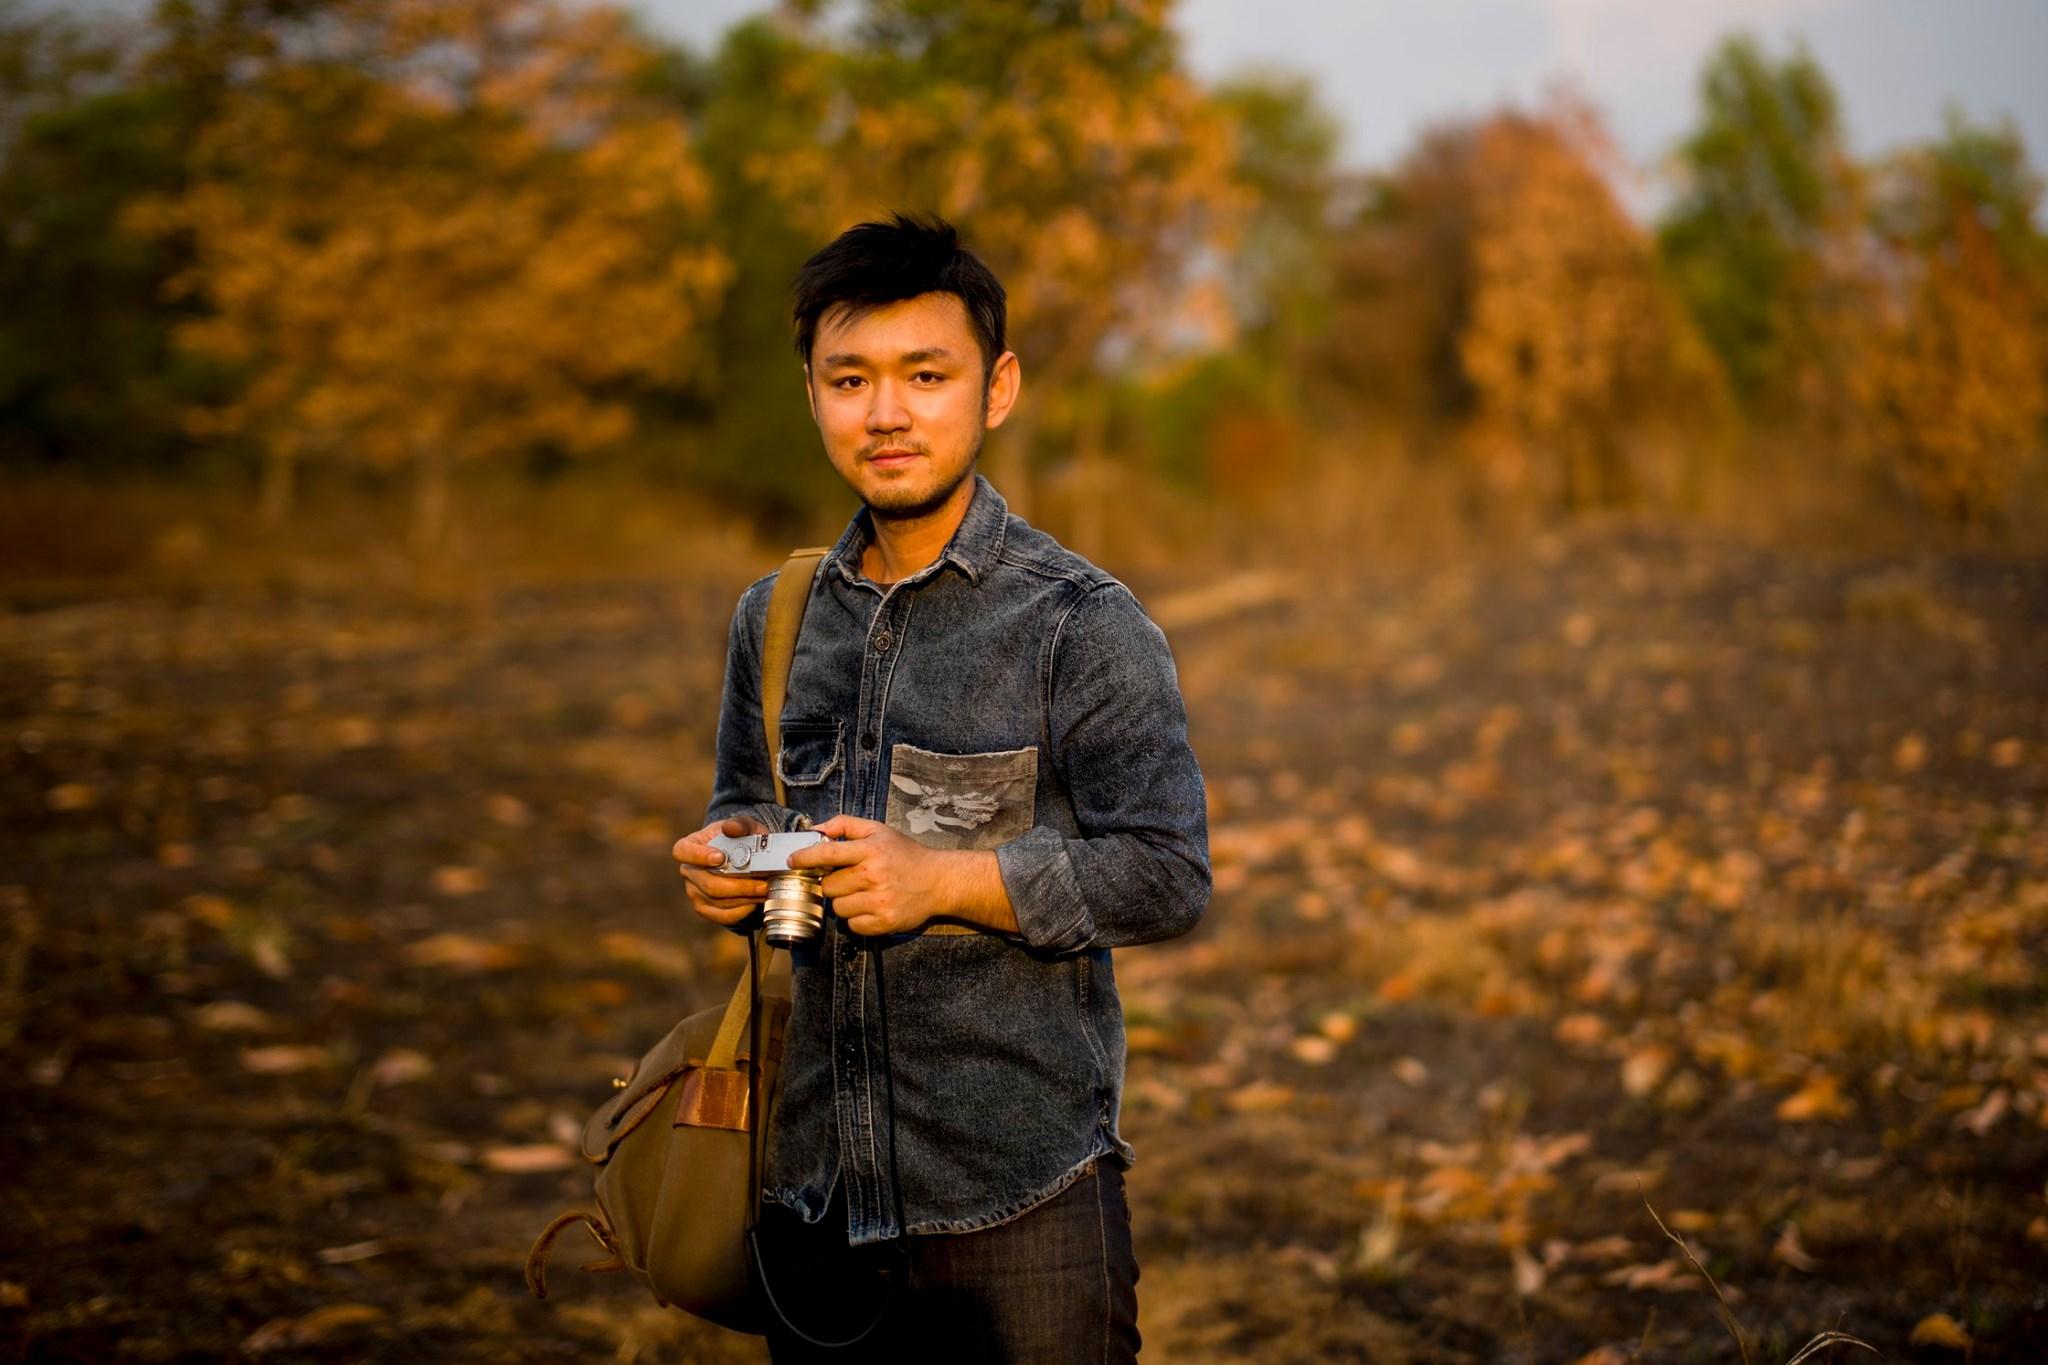 Bạn trai của Tiêu Châu Như Quỳnh sở hữu ngoại hình điển trai, phong độ ở tuổi 35. Anh cũng chuộng phong cách thời trang năng động, thoải mái.